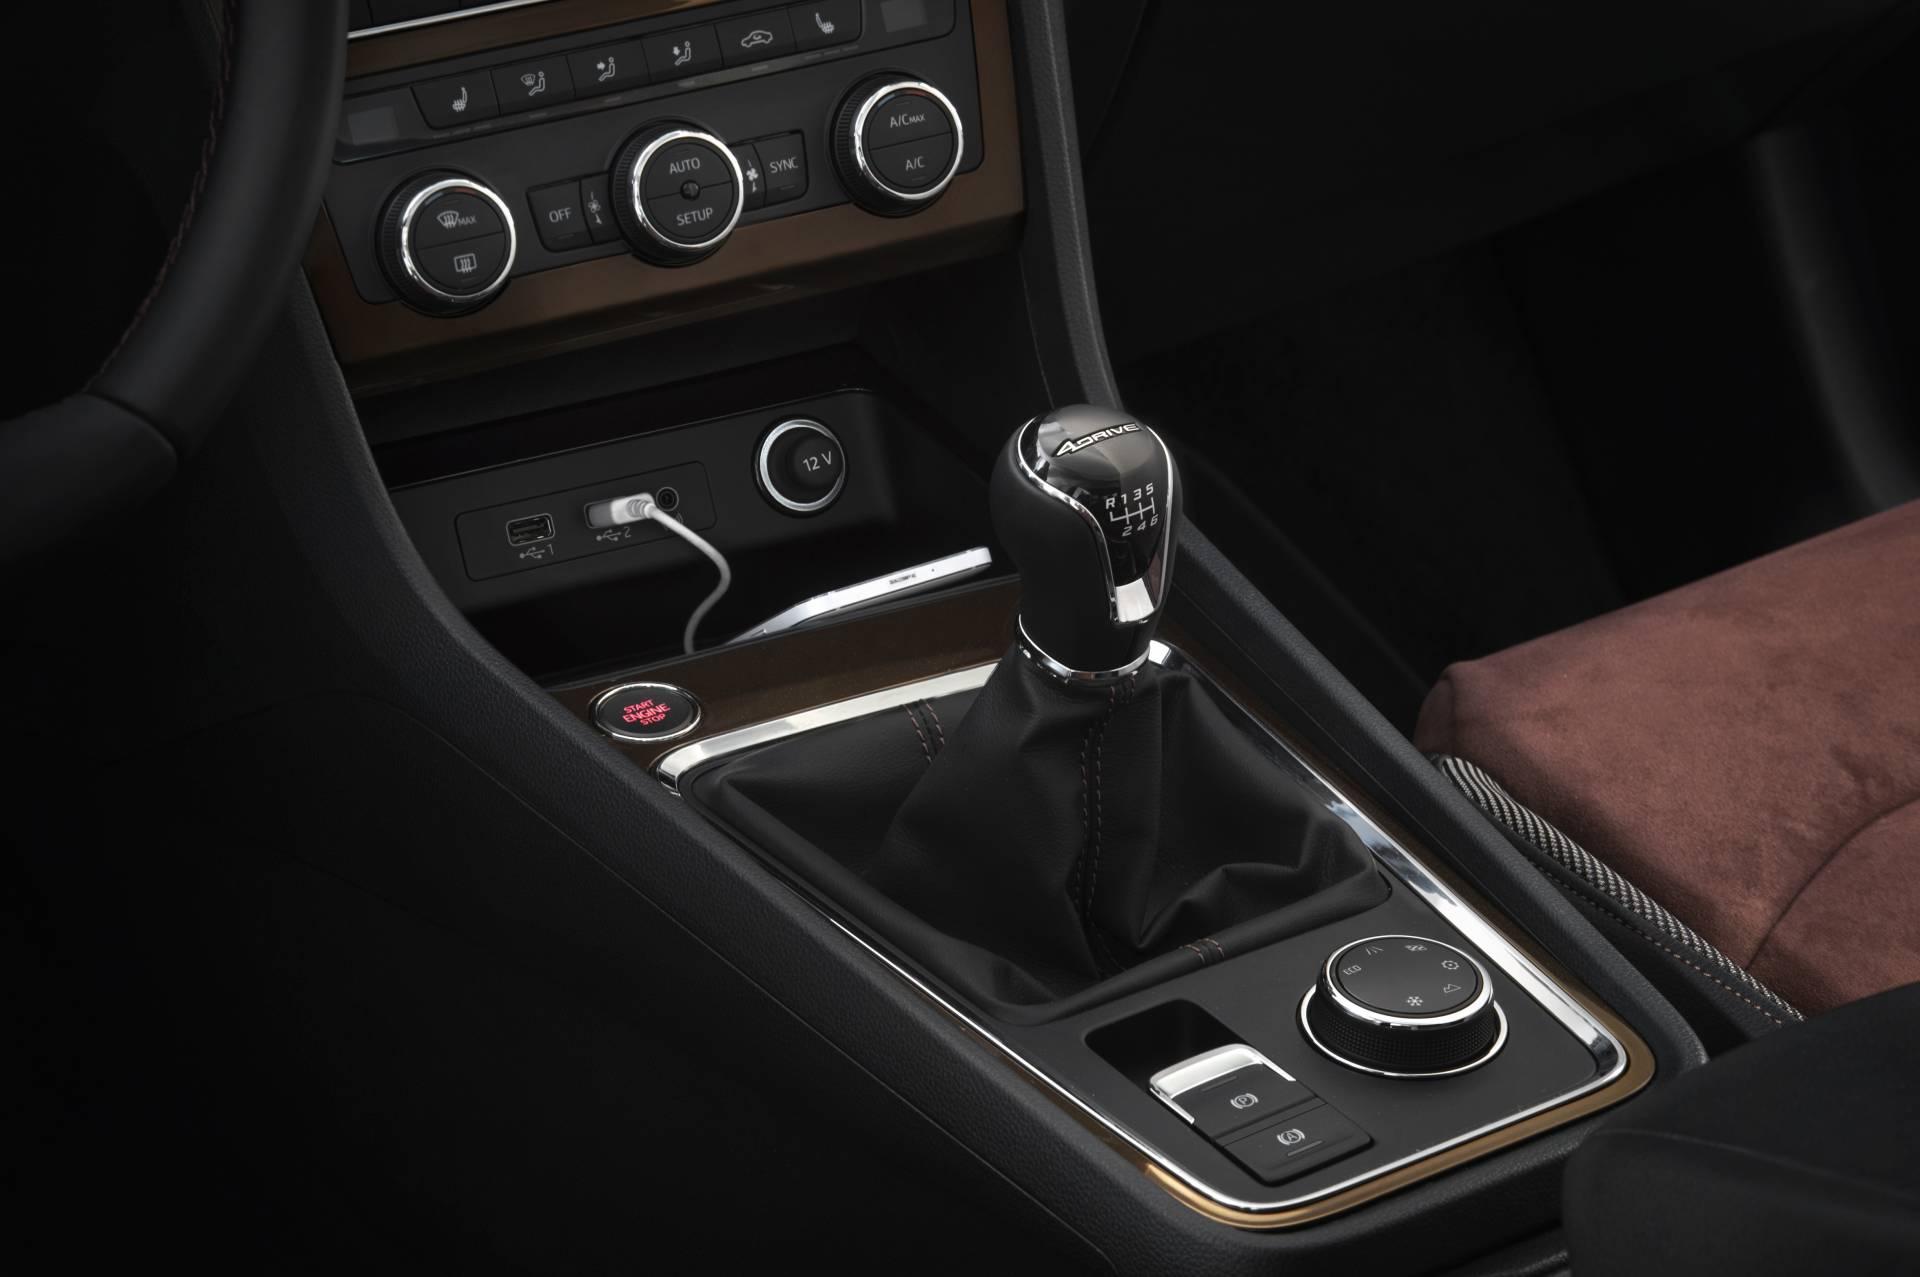 Mediante un selector giratorio situado en la consola, detrás de la palanca de cambio, pueden seleccionarse los modos de conducción: Normal, Sport, Eco e Individual. Las versiones 4x4 cuentan con dos modos adicionales, Nieve y Offroad.